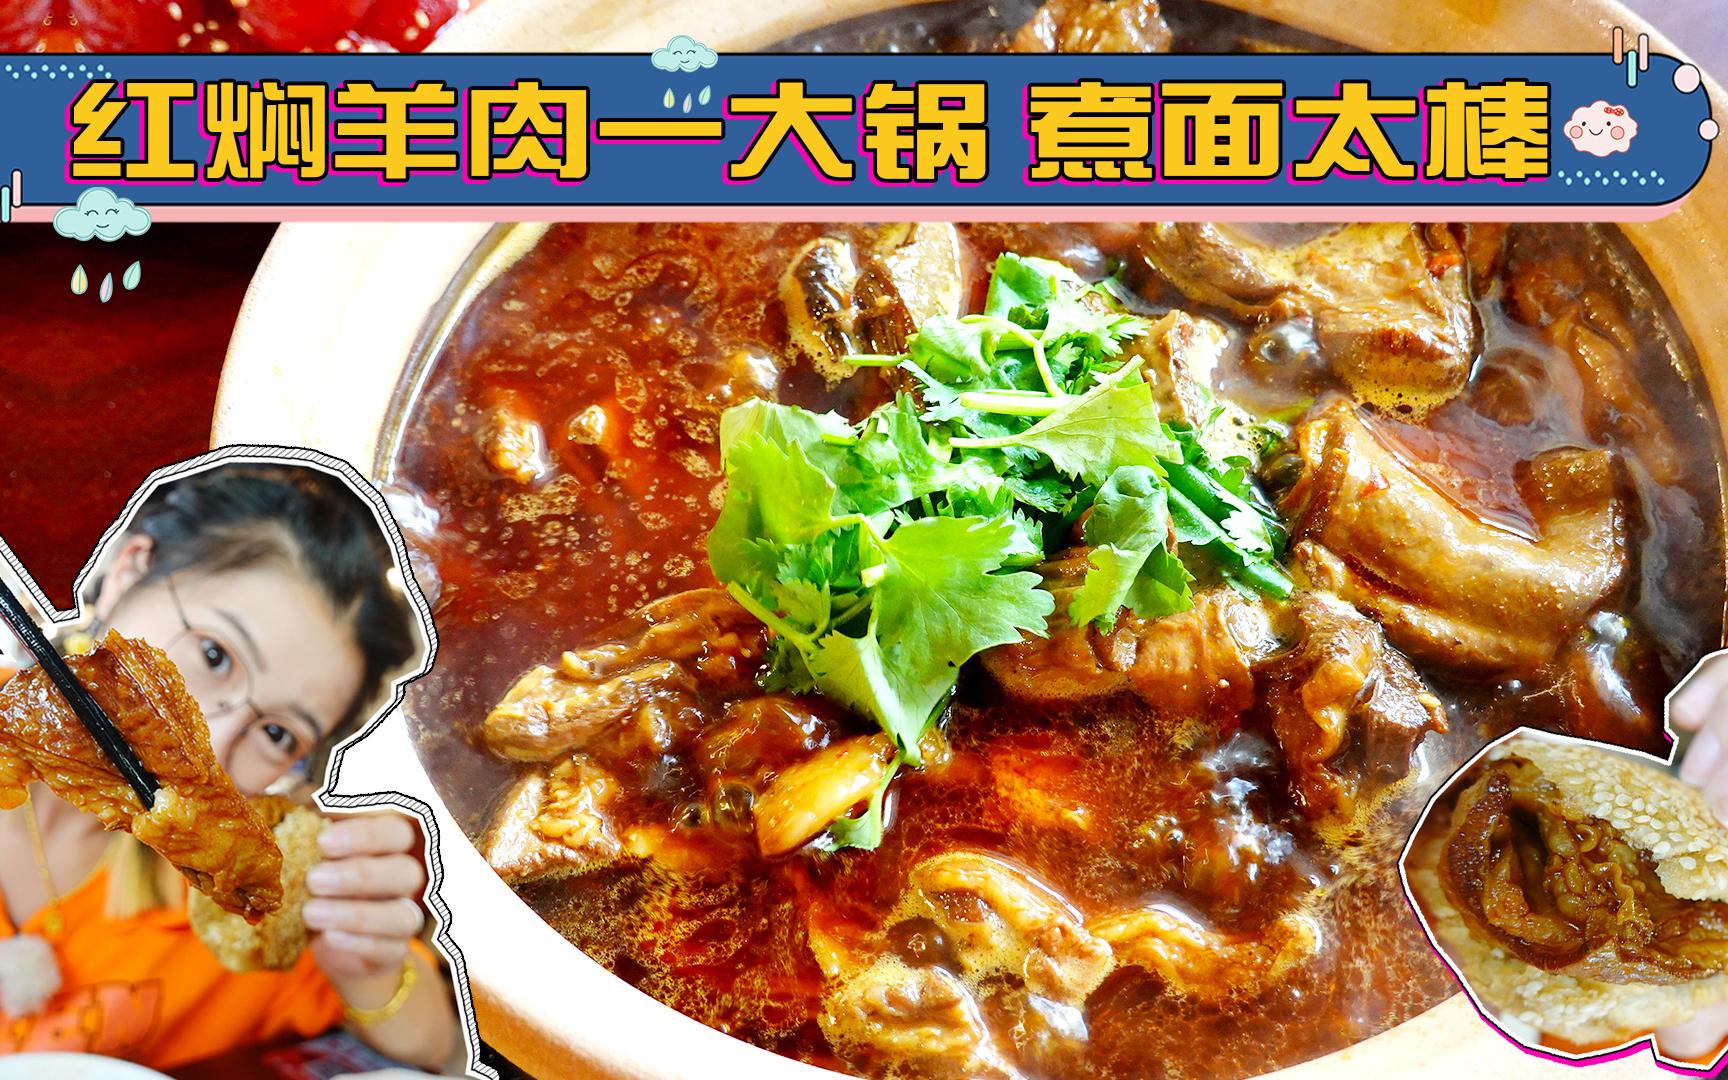 【逛吃北京】这家红焖羊肉开到南城啦!新吃法,煮面夹烧饼巨棒!